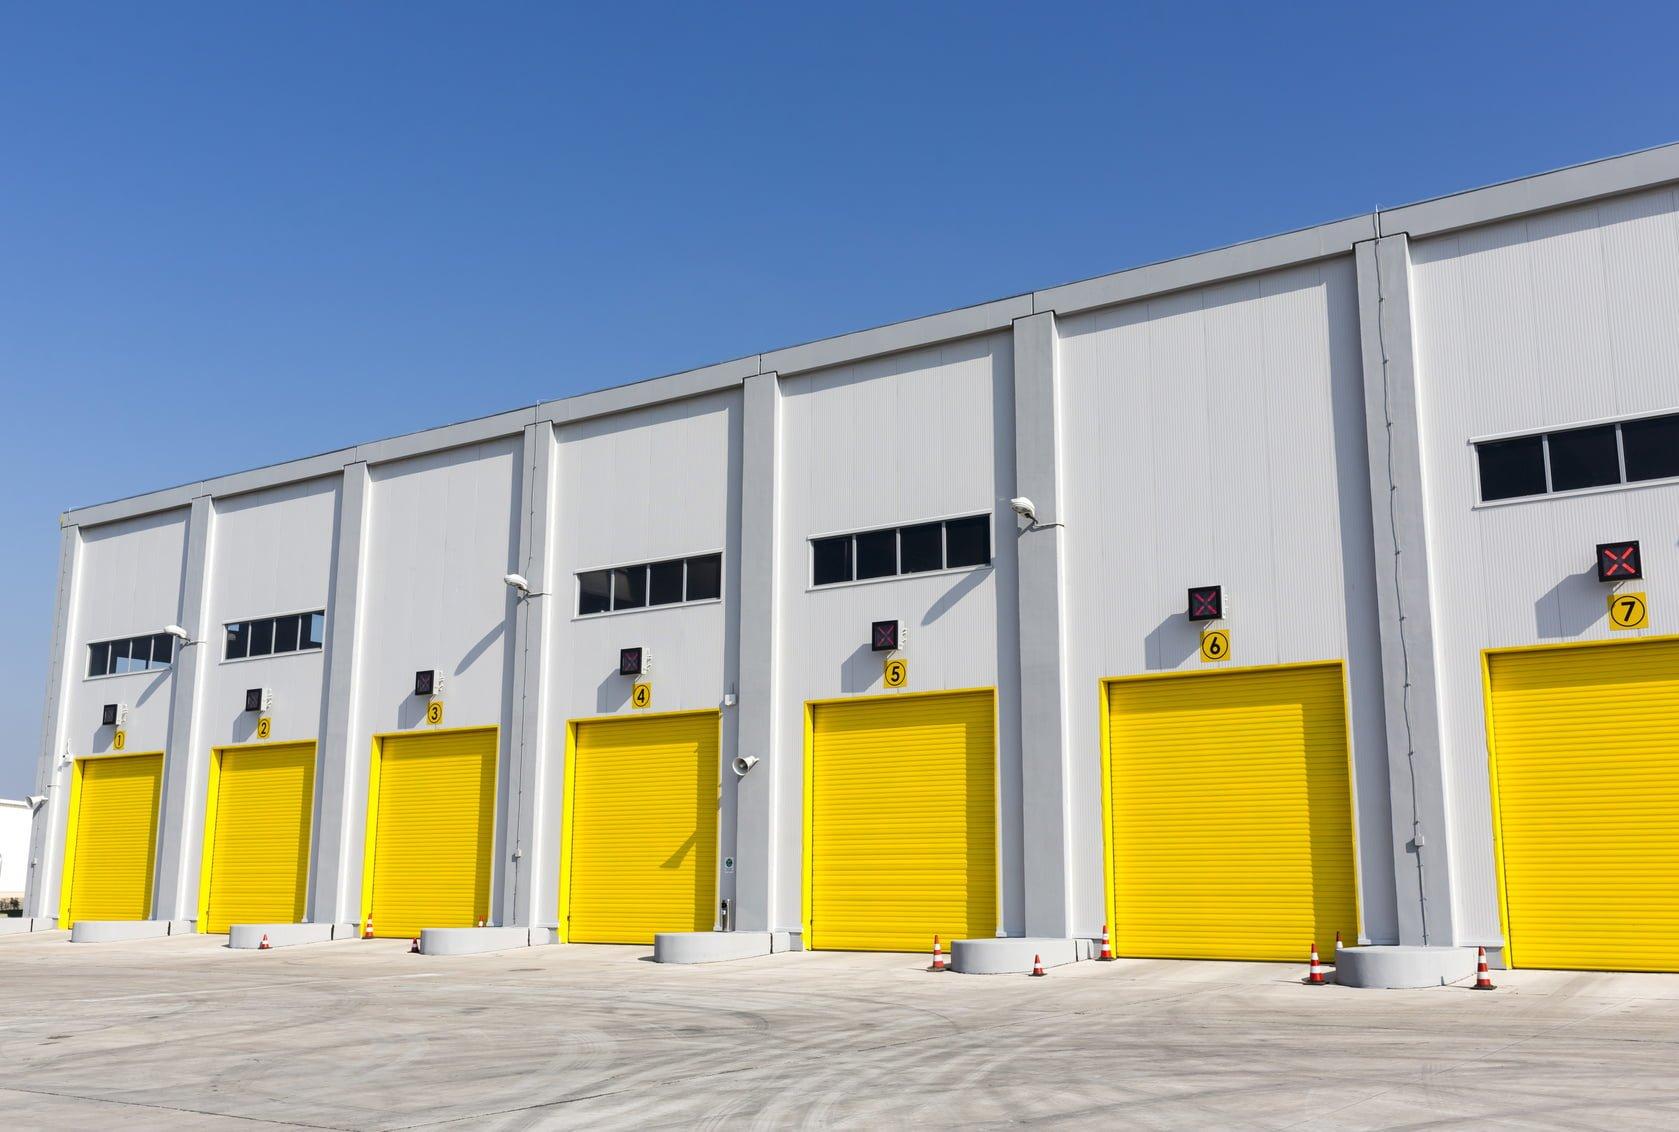 high-speed garage doors for warehouse in utah & High-Speed Garage Doors | Salt Lake City u0026 Ogden | Crawford Door Sales